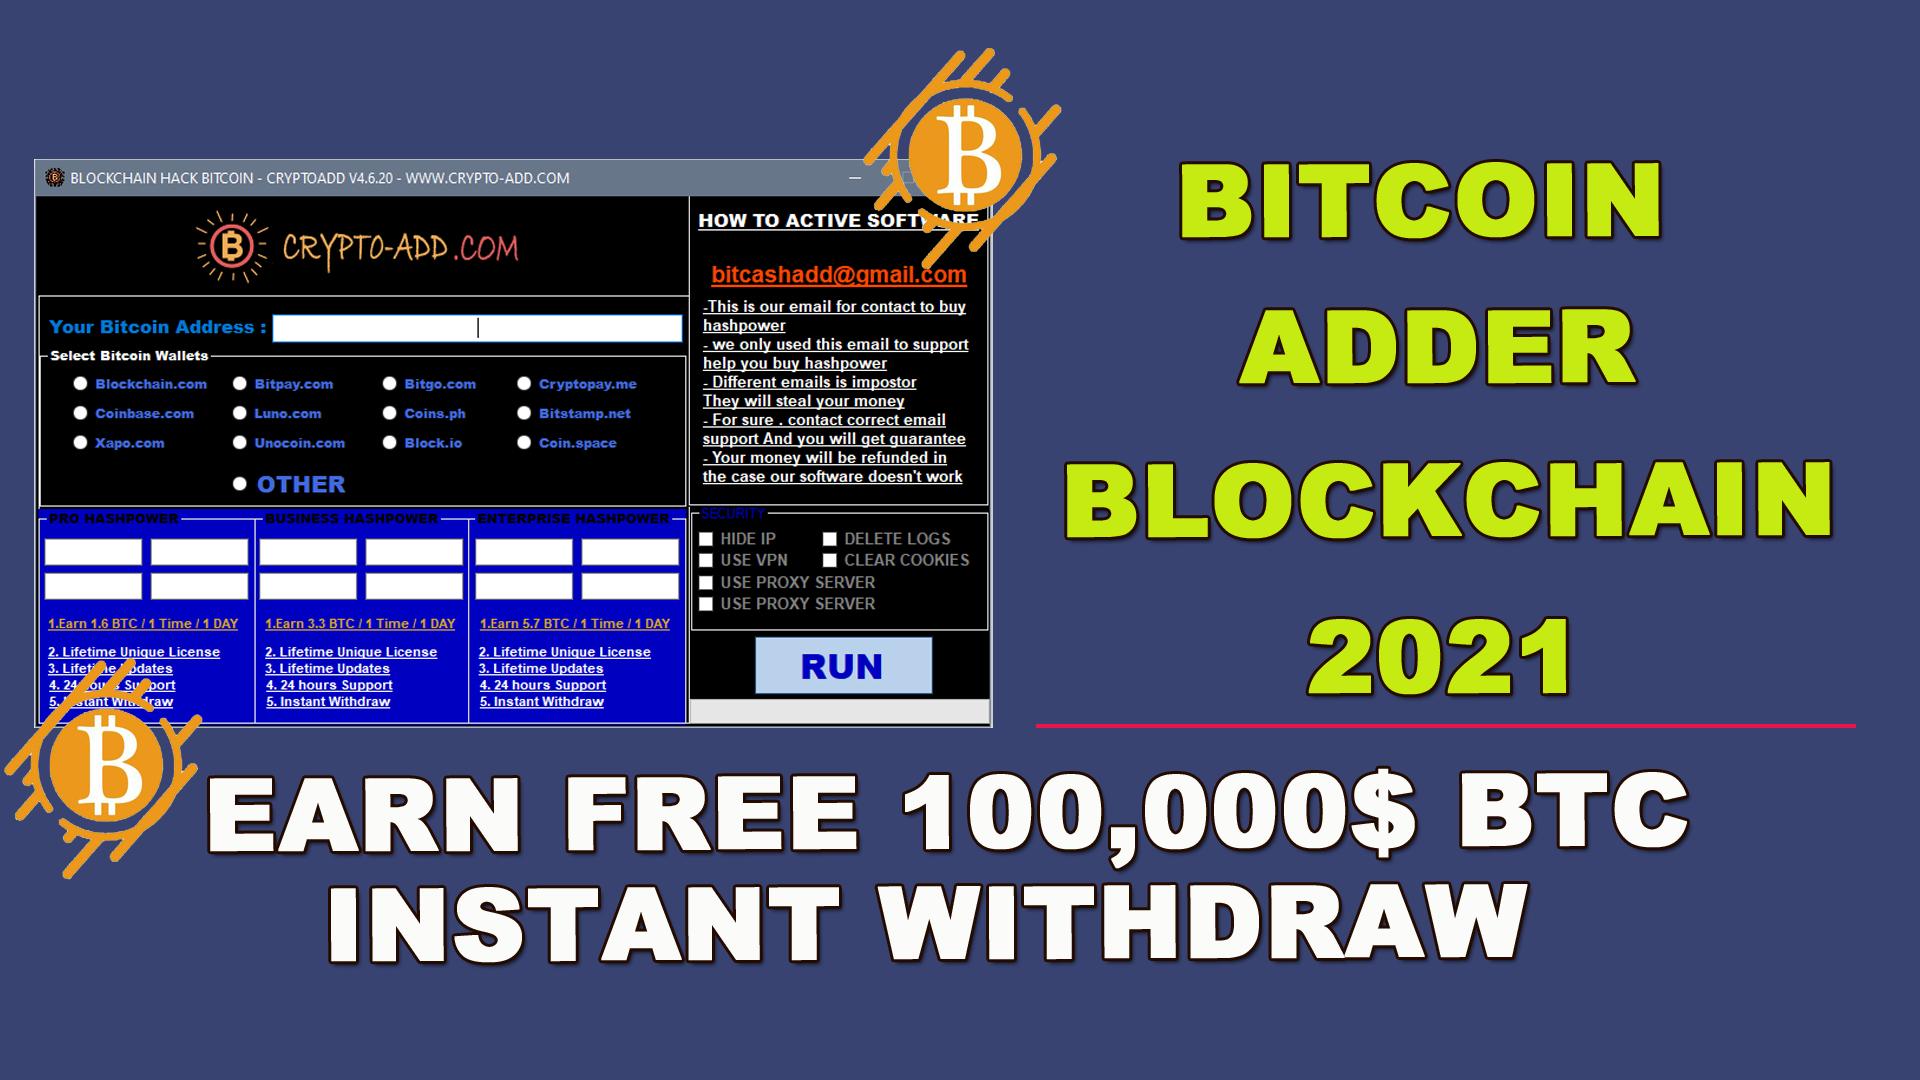 free bitcoin adder 2021 youtube bitcoin tutorial